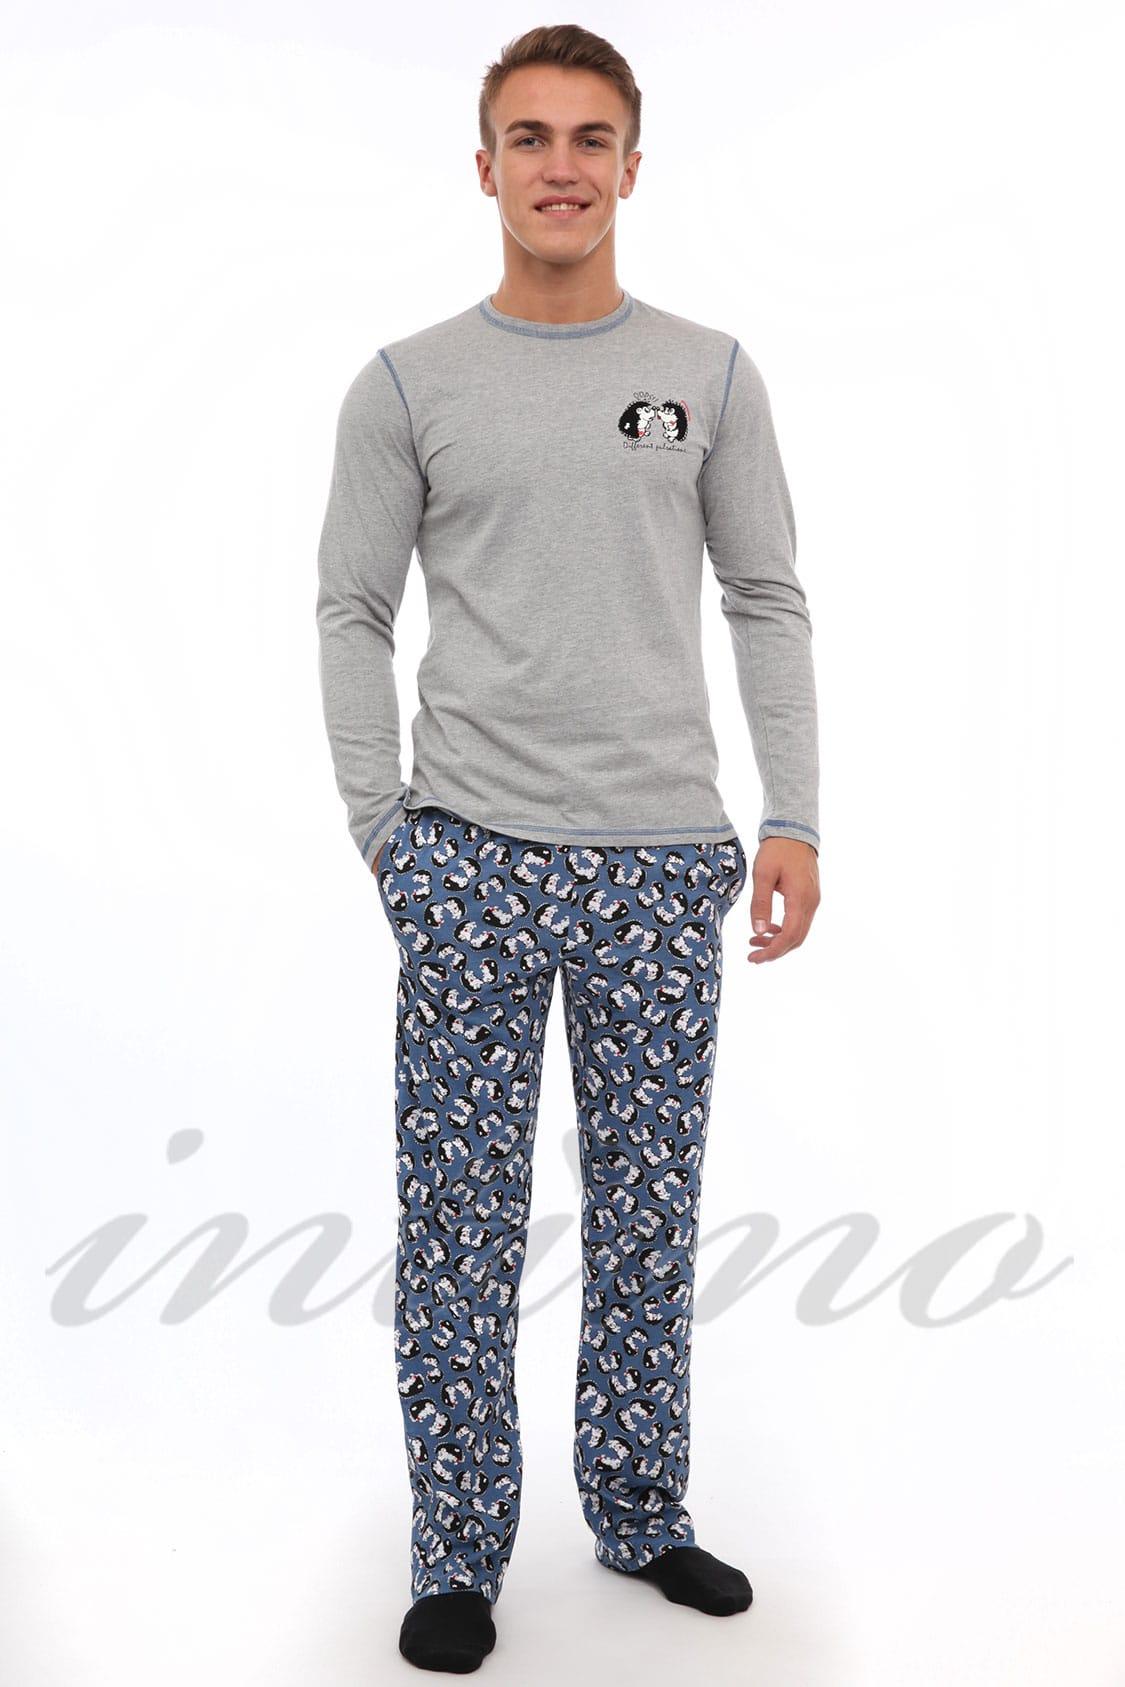 5450d1da102f1 Пижама мужская, хлопок Yamamay PPLU041001, 22573 - купить по ...